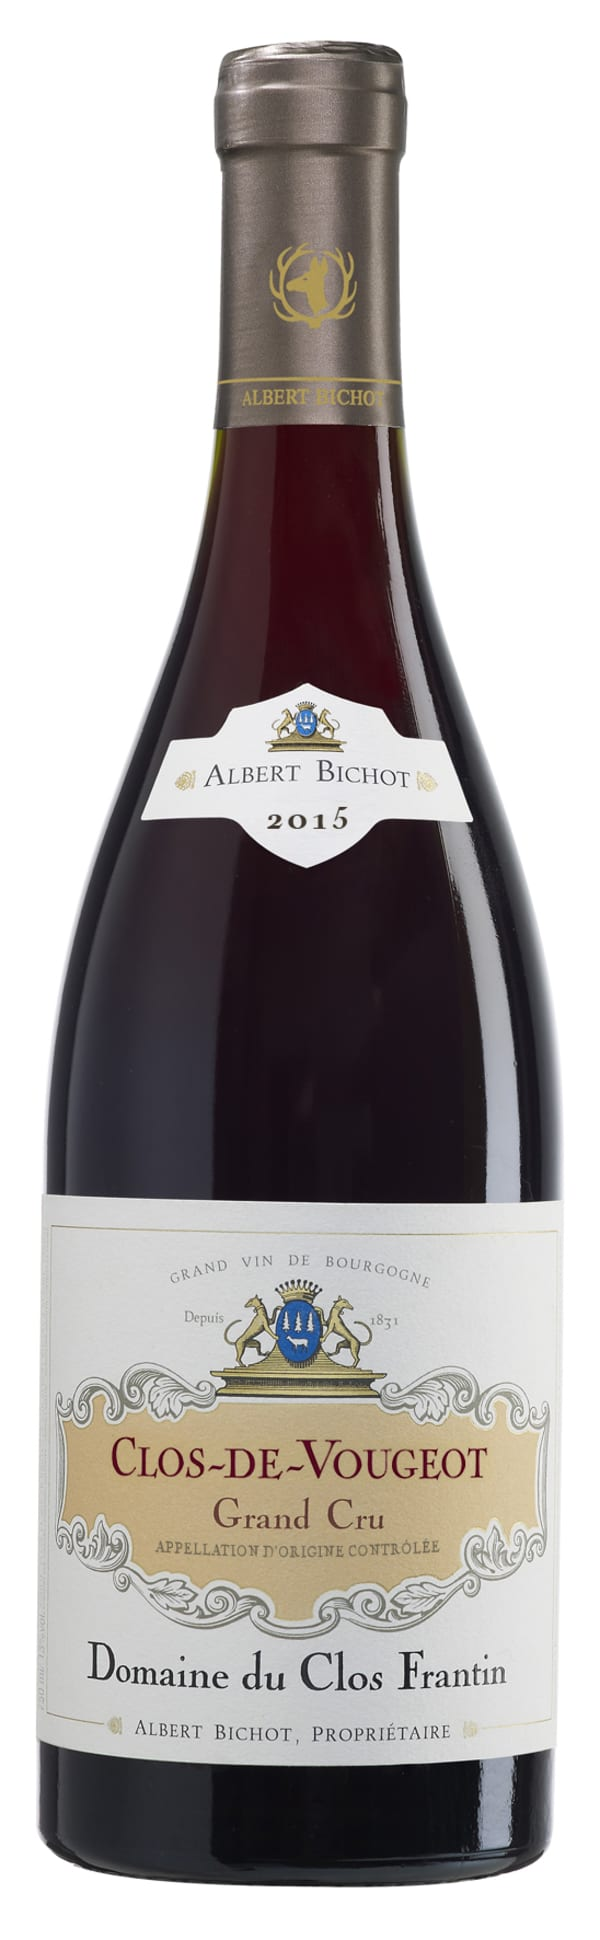 Albert Bichot Domaine du Clos Frantin Clos-de-Vougeot Grand Cru 2015